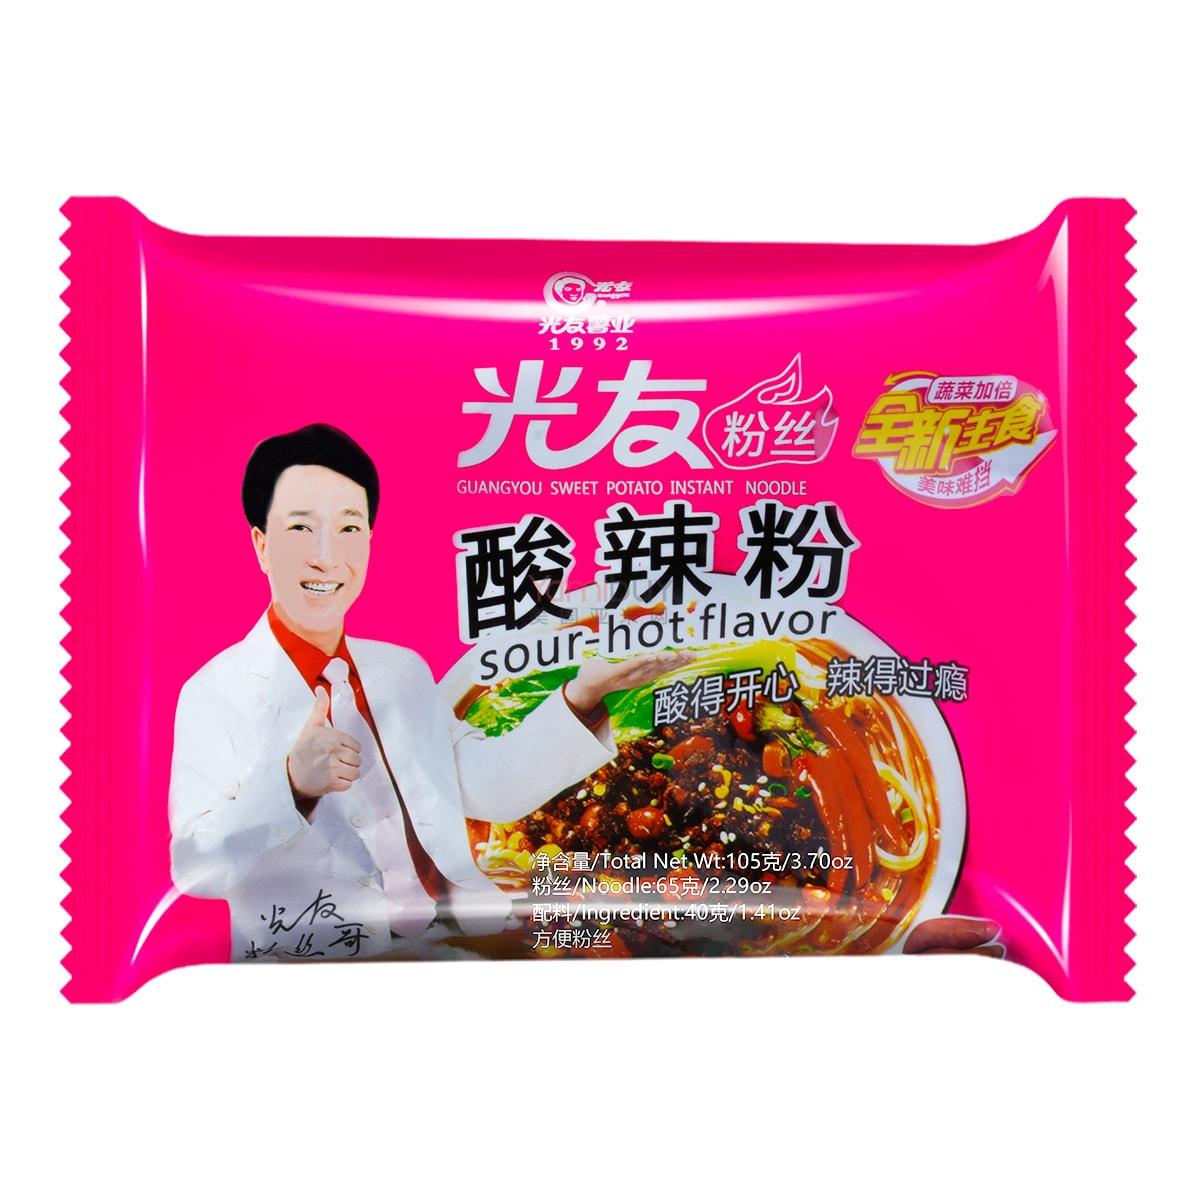 GUANGYOU Sweet Potato Instant Noodle Sour  Hot 105g